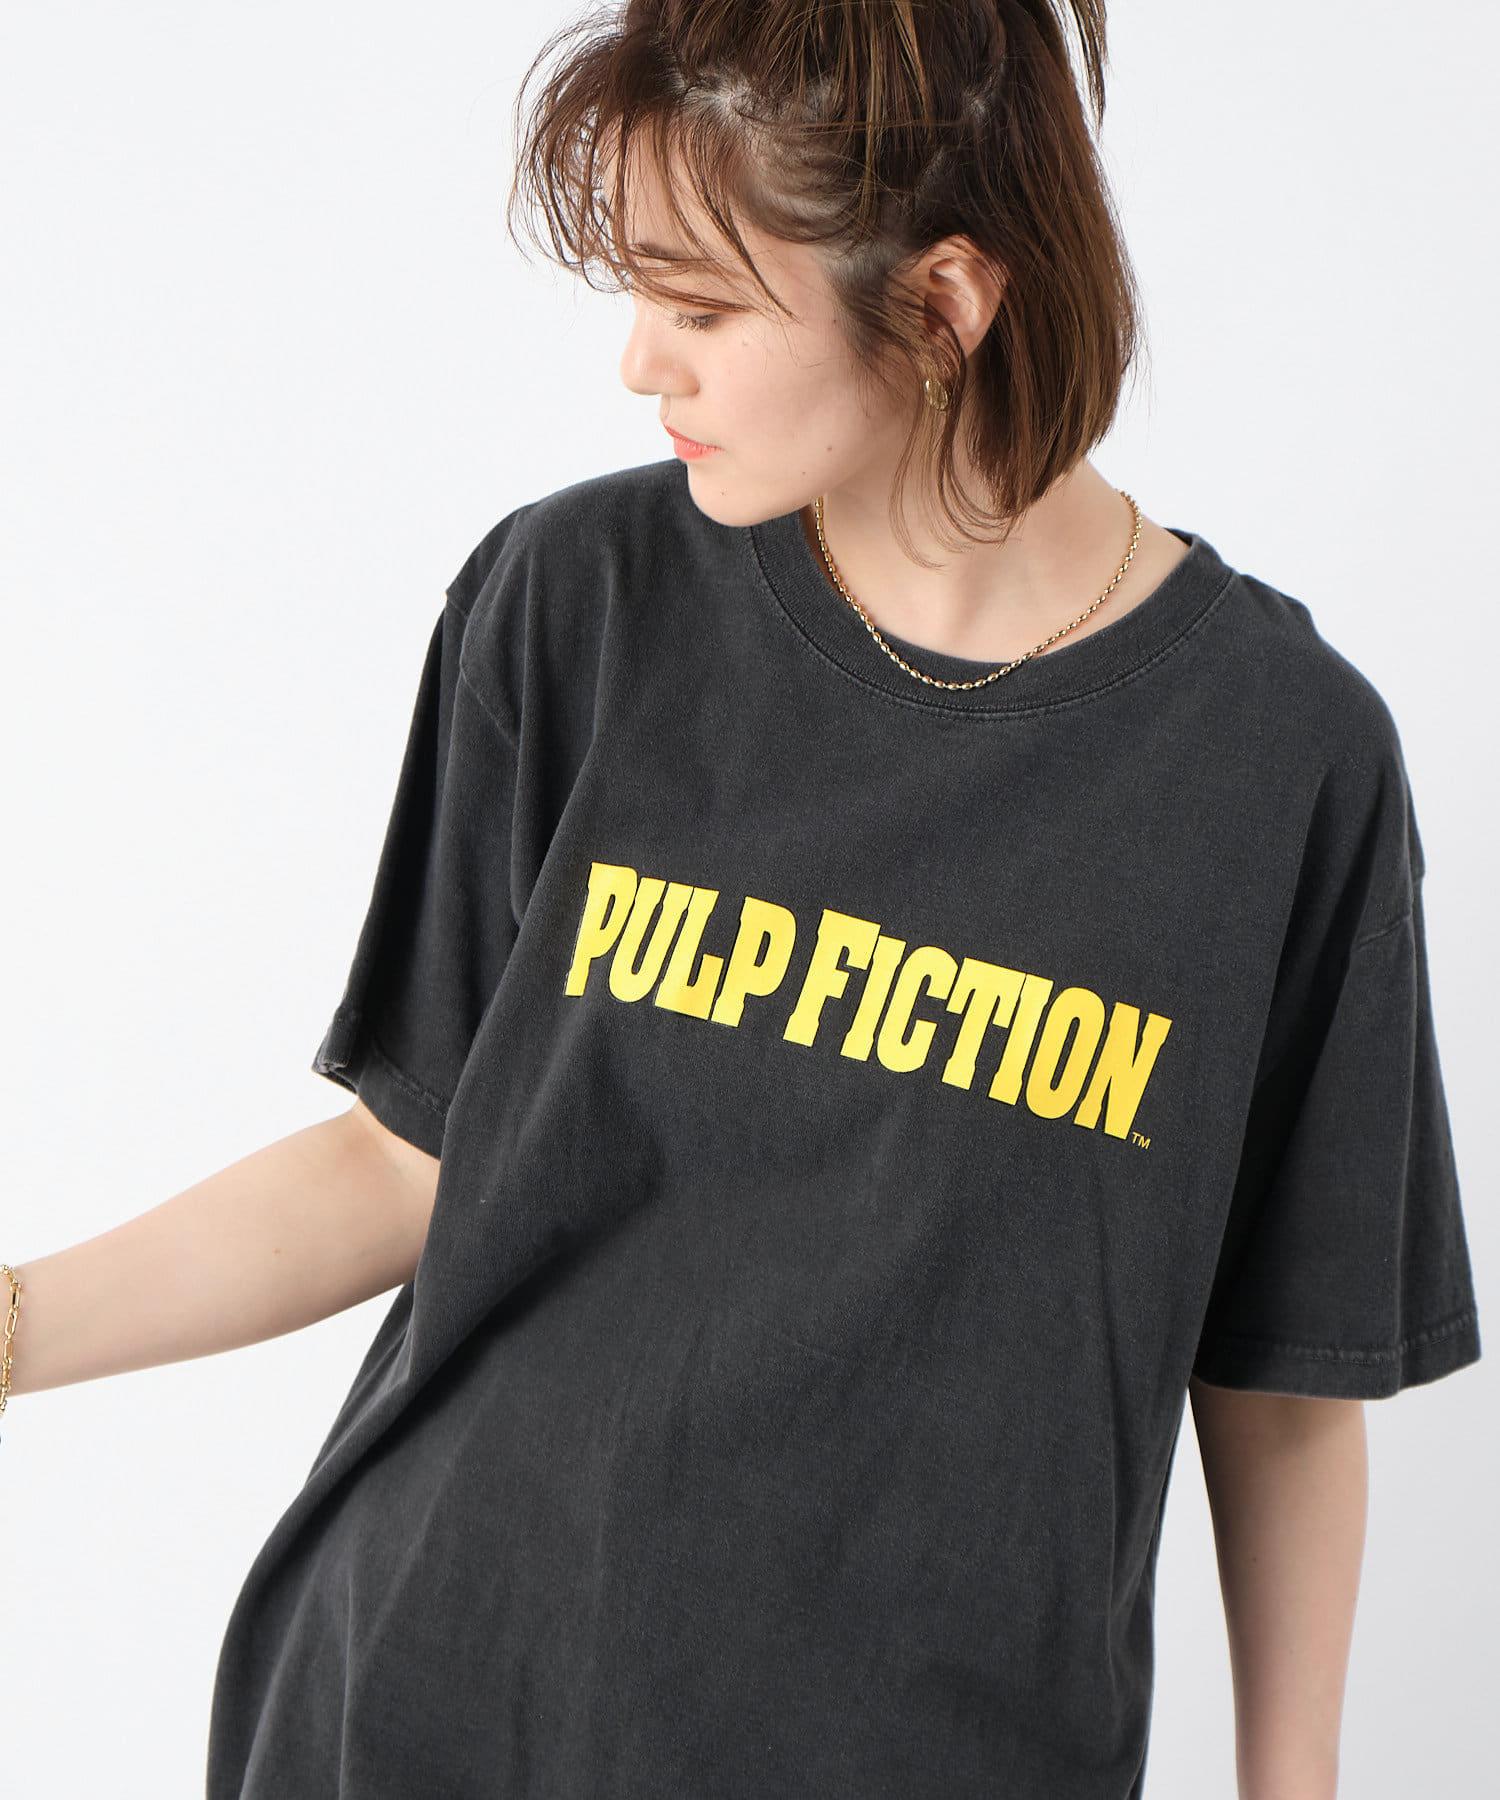 RIVE DROITE(リヴドロワ) レディース 【《GOOD ROCK SPEED》洗える】PULPFICTION Tシャツ ブラック